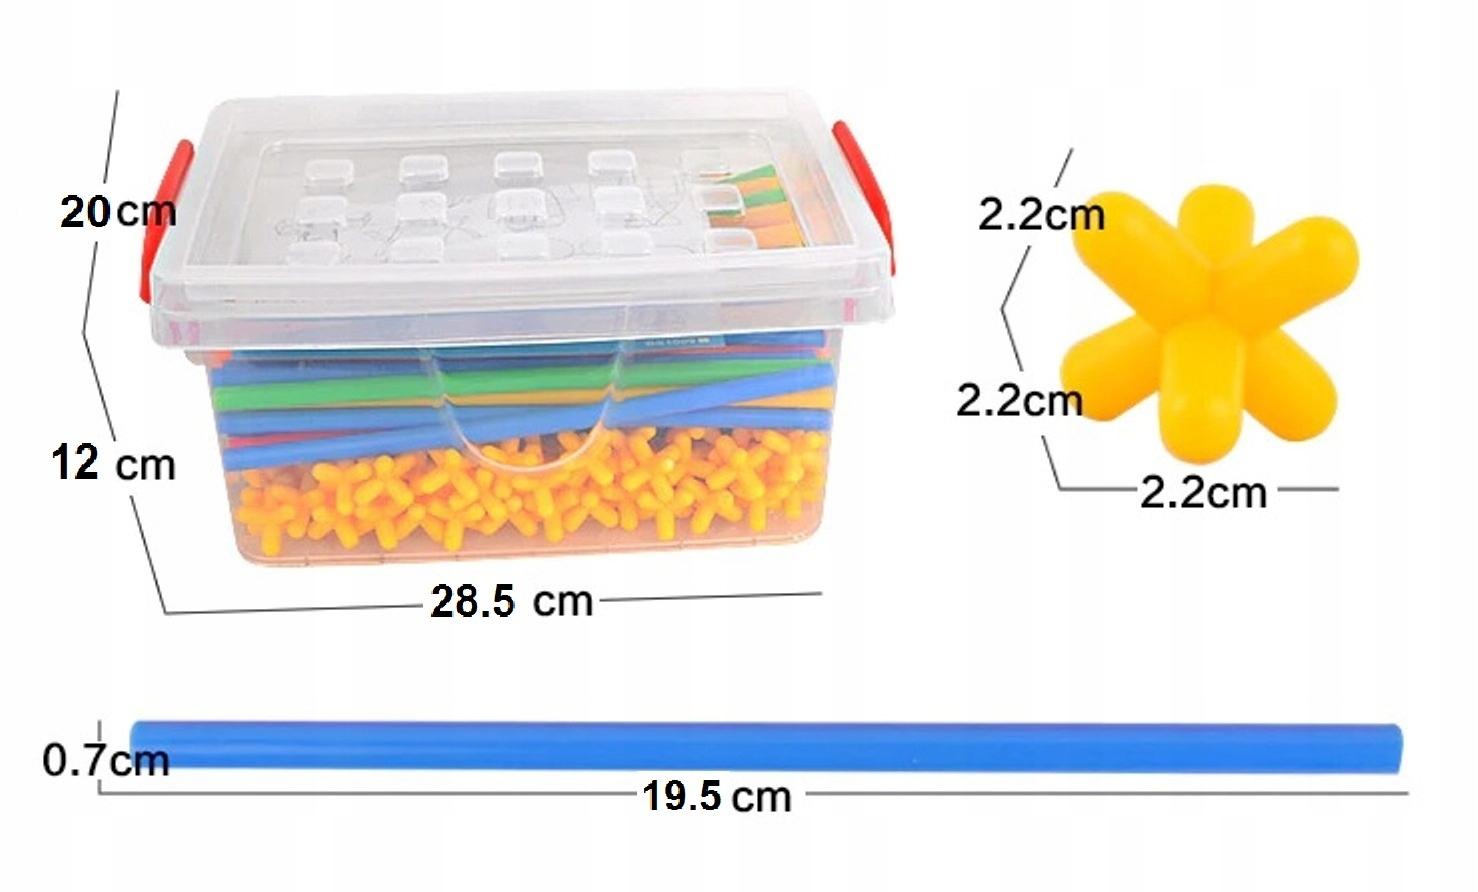 Klocki Konstrukcyjne Słomki Kuferek Zestaw 600 el Materiał Plastik